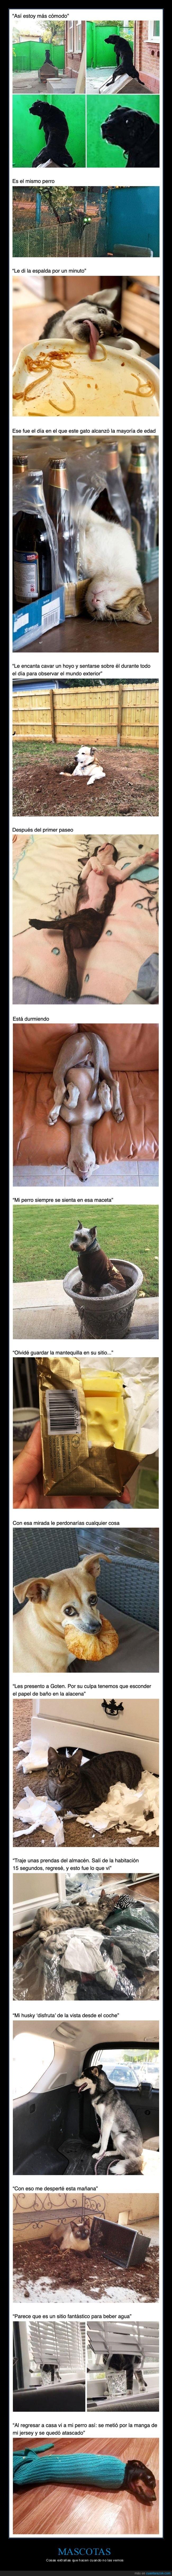 animales,cosas extrañas,mascotas